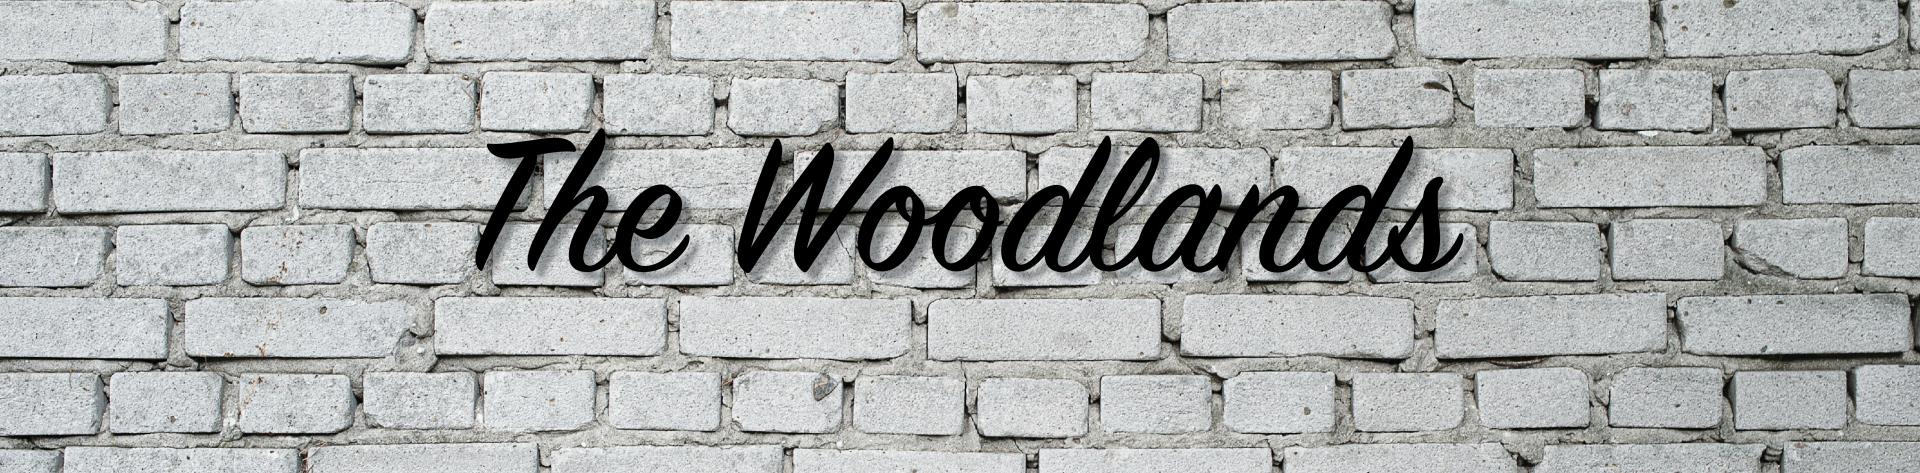 The Woodlands Divider